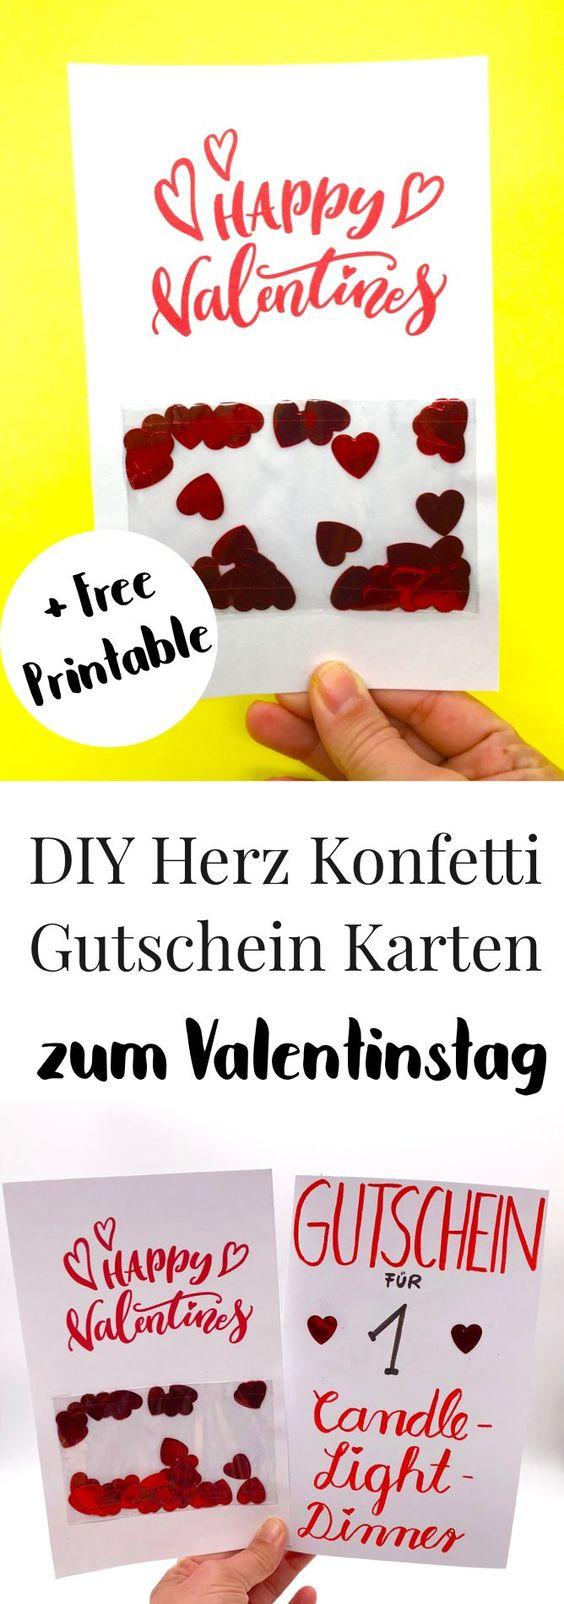 Karten Selbst Gestalten Valentinstag Karte Selber Machen Mit Bildern Valentinstag Geschenk Fur Ihn Geschenke Valentinstag